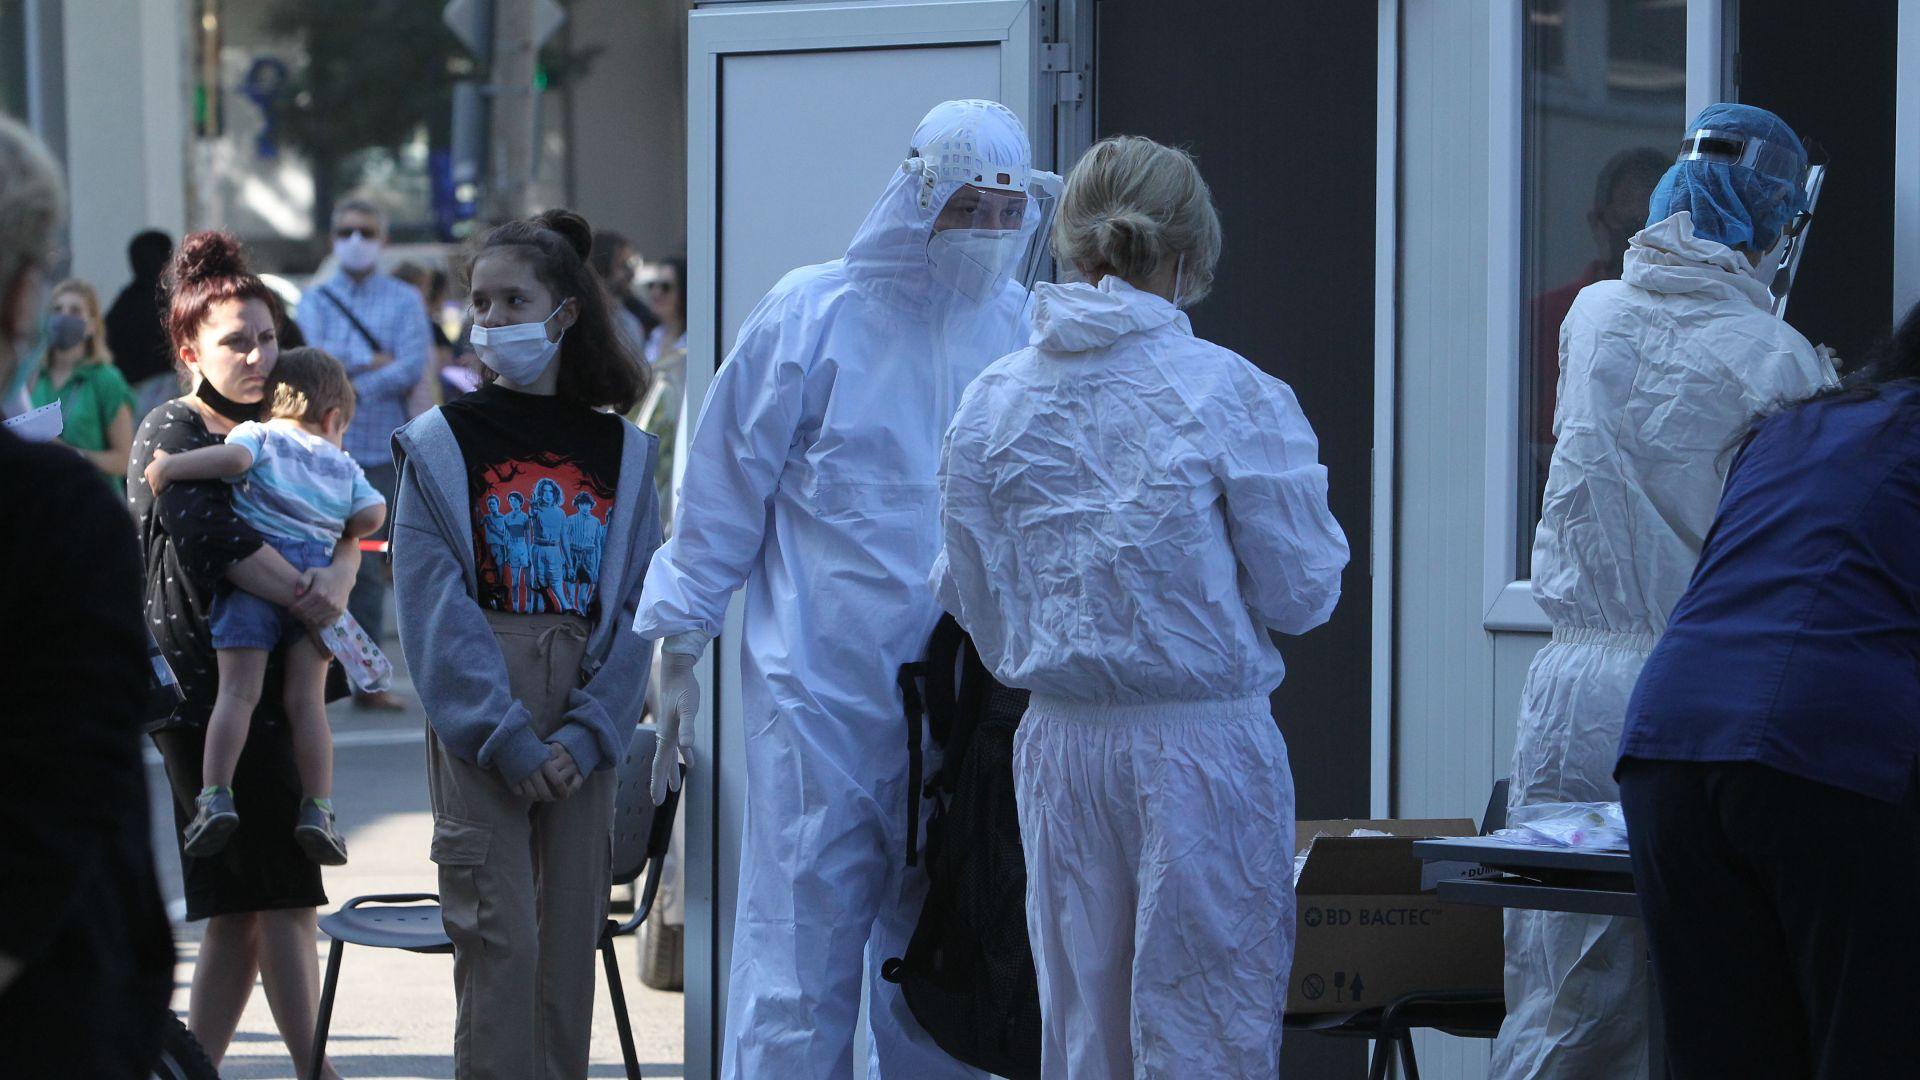 Рязък спад на заразените с коронавирус през последните 24 часа